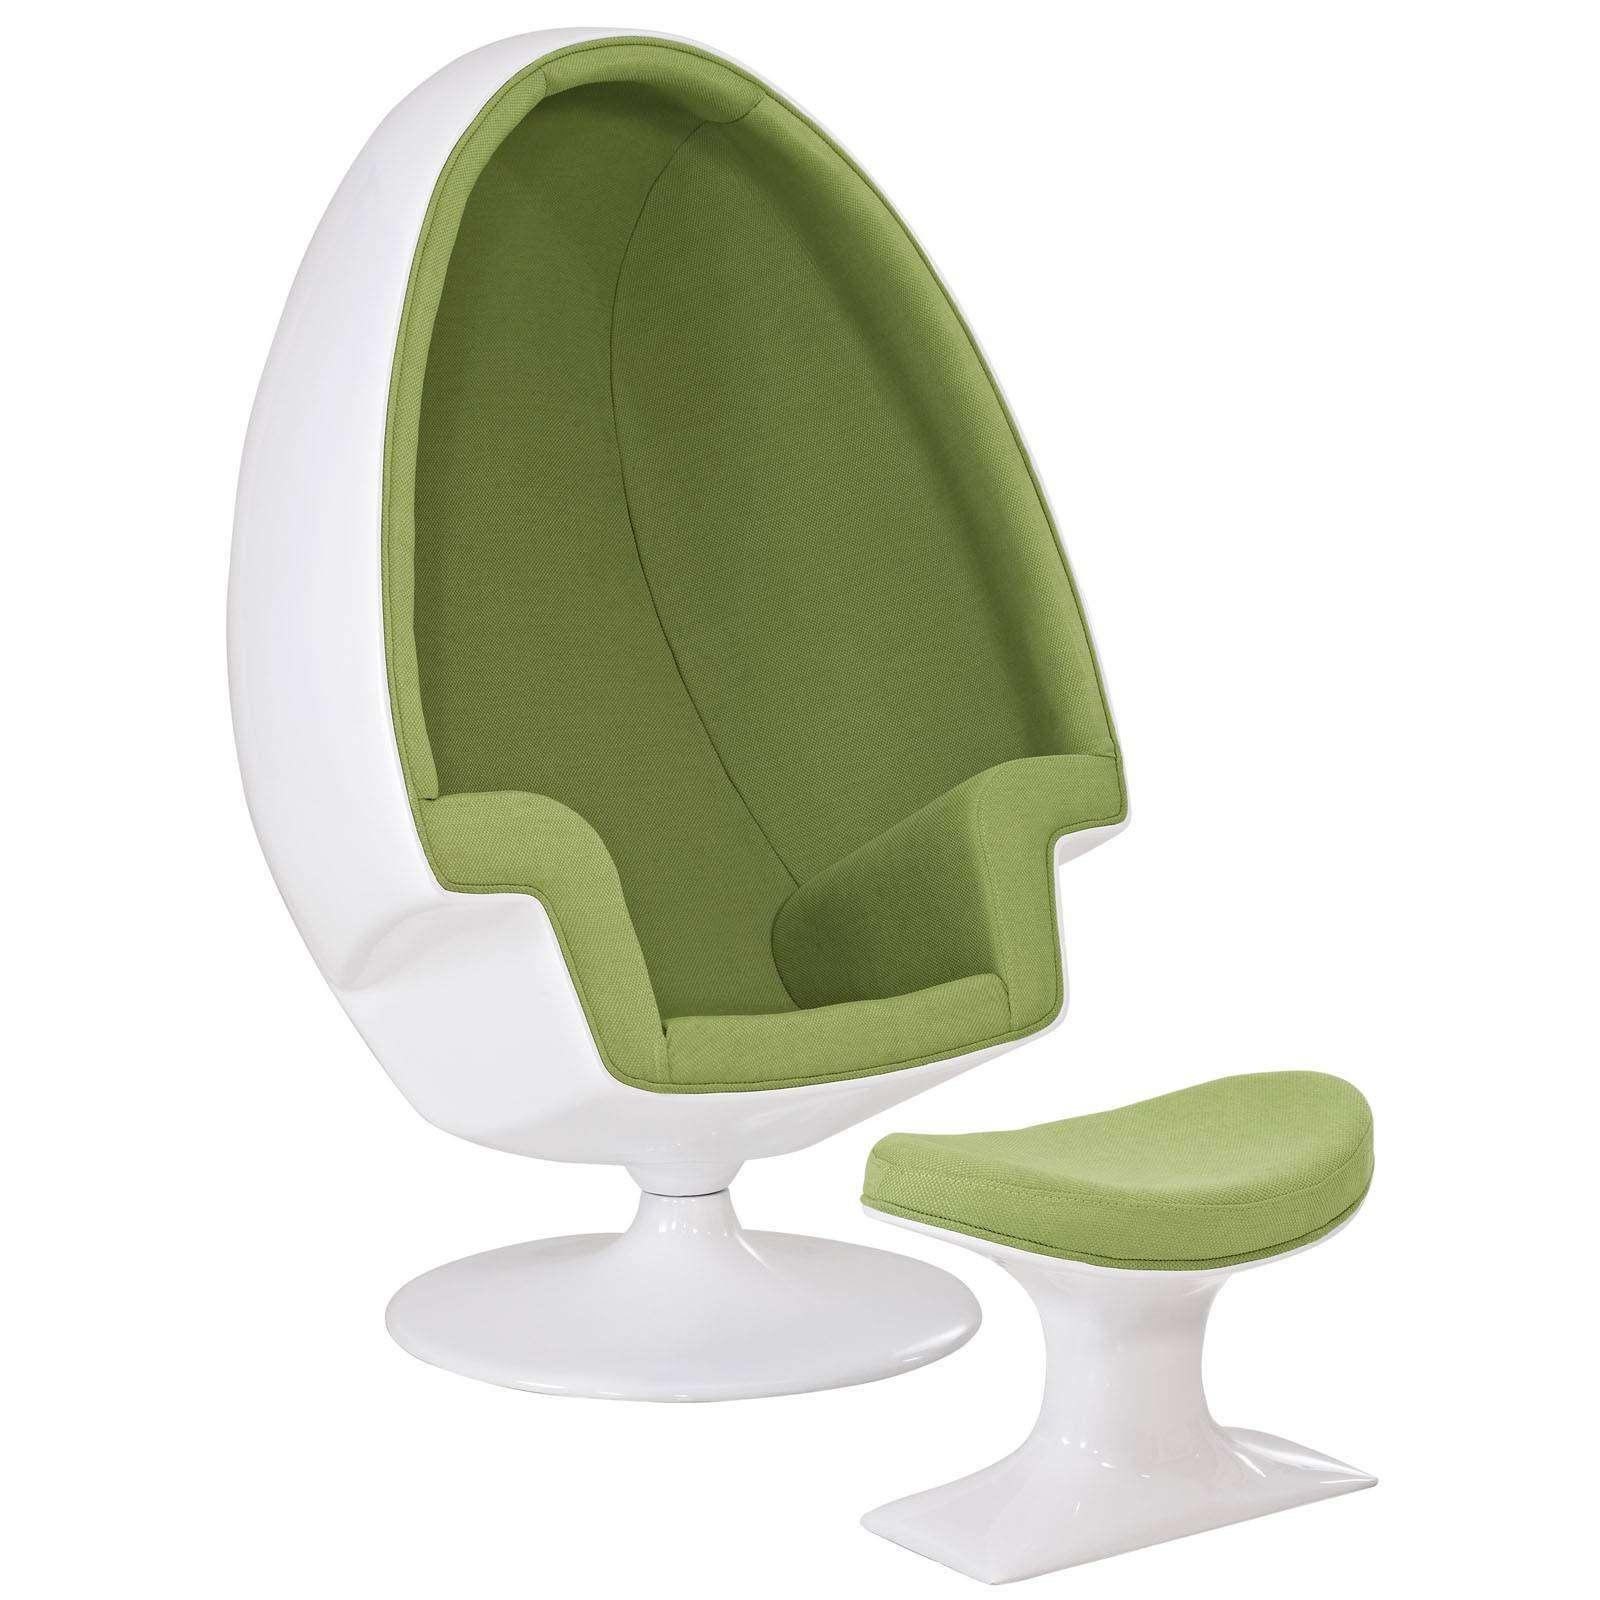 Alpha Egg Chair